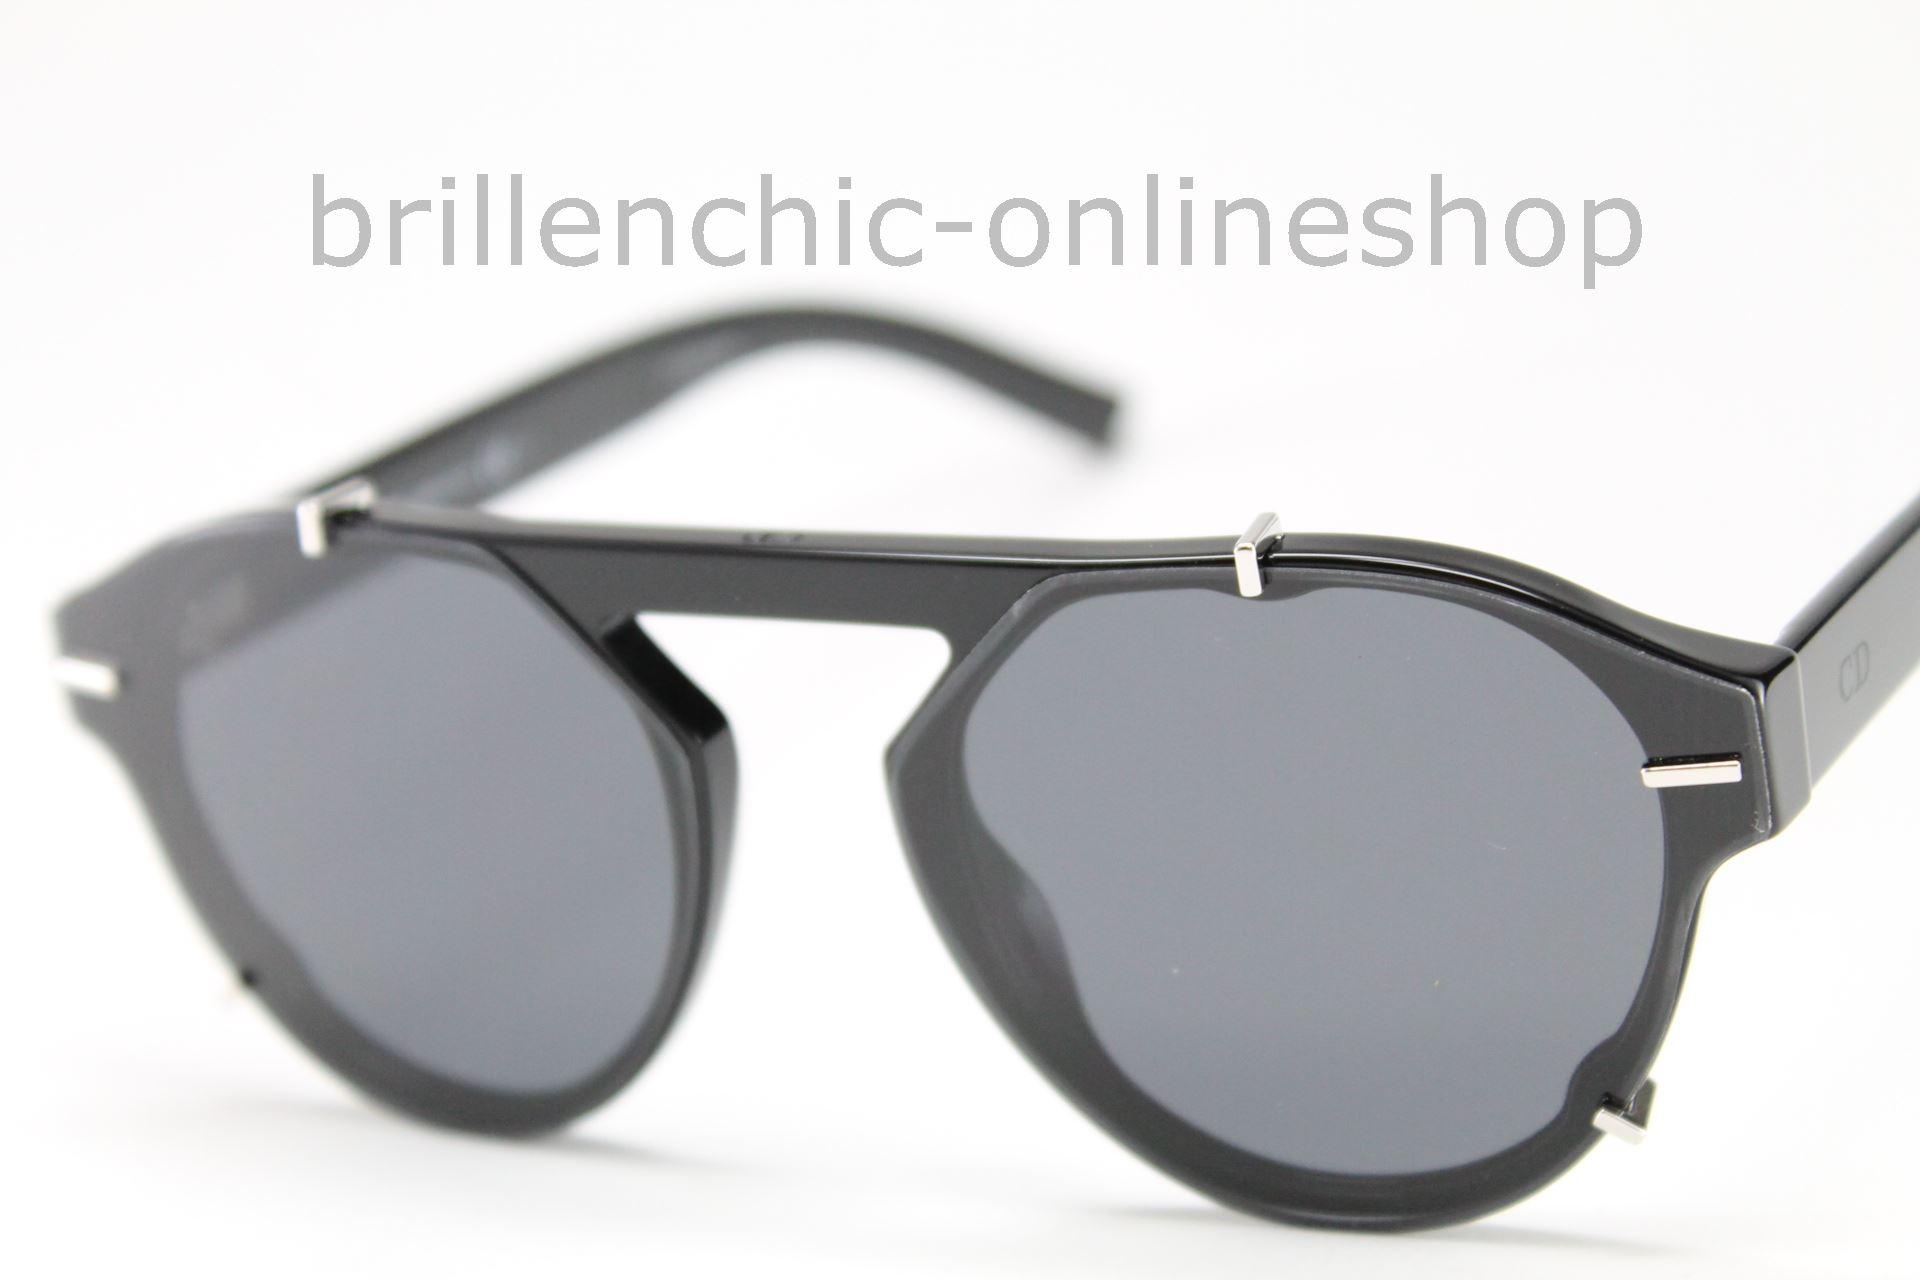 Brillenchic In Berlin Dior Homme Blacktie 254s 254 66af0c9ece08